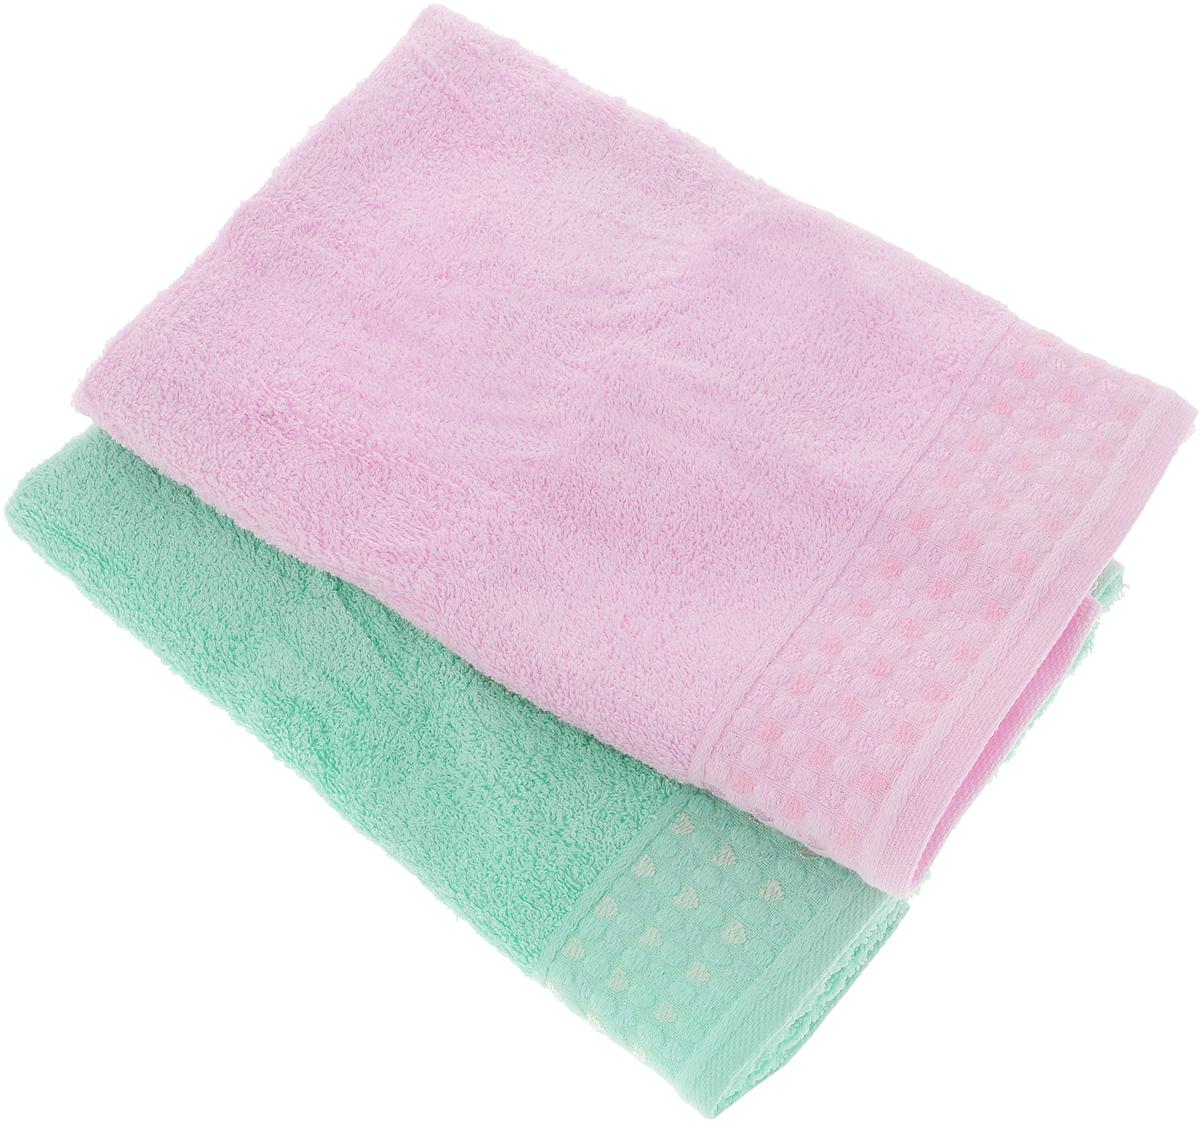 Набор полотенец Tete-a-Tete Сердечки, цвет: розовый, бирюза, 50 х 90 см, 2 штУНП-107-06-2кНабор Tete-a-Tete Сердечки состоит из двух махровых полотенец, выполненных из натурального 100% хлопка. Бордюр полотенец декорирован рисунком сердечек. Изделия мягкие, отлично впитывают влагу, быстро сохнут, сохраняют яркость цвета и не теряют форму даже после многократных стирок. Полотенца Tete-a-Tete Сердечки очень практичны и неприхотливы в уходе. Они легко впишутся в любой интерьер благодаря своей нежной цветовой гамме. Набор упакован в красивую коробку и может послужить отличной идеей подарка.Размер полотенец: 50 х 90 см.